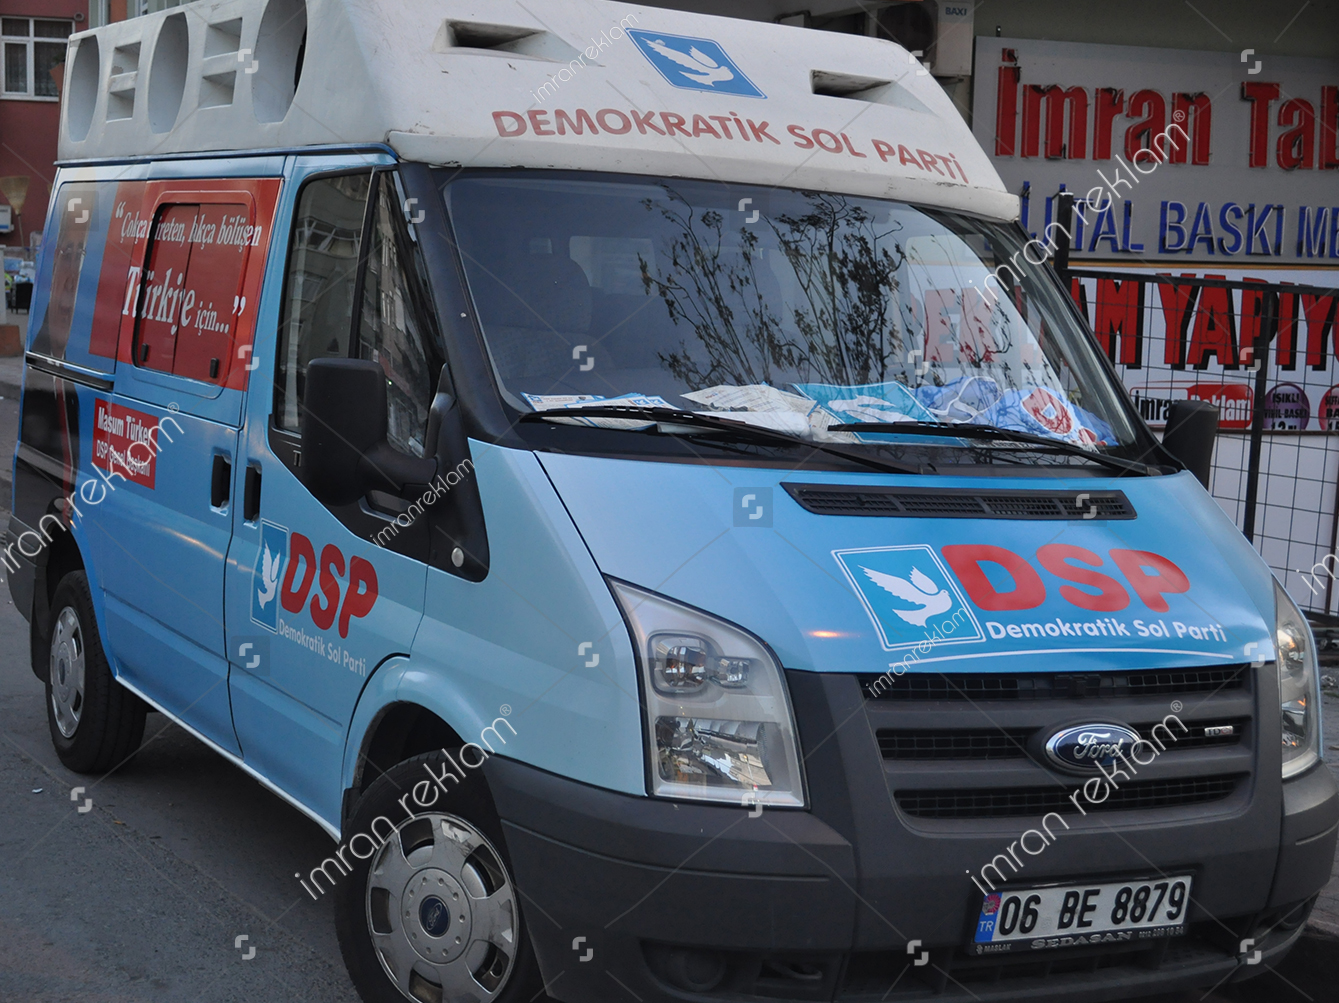 demokratik-sol-parti-arac-giydirme-arac-kaplama